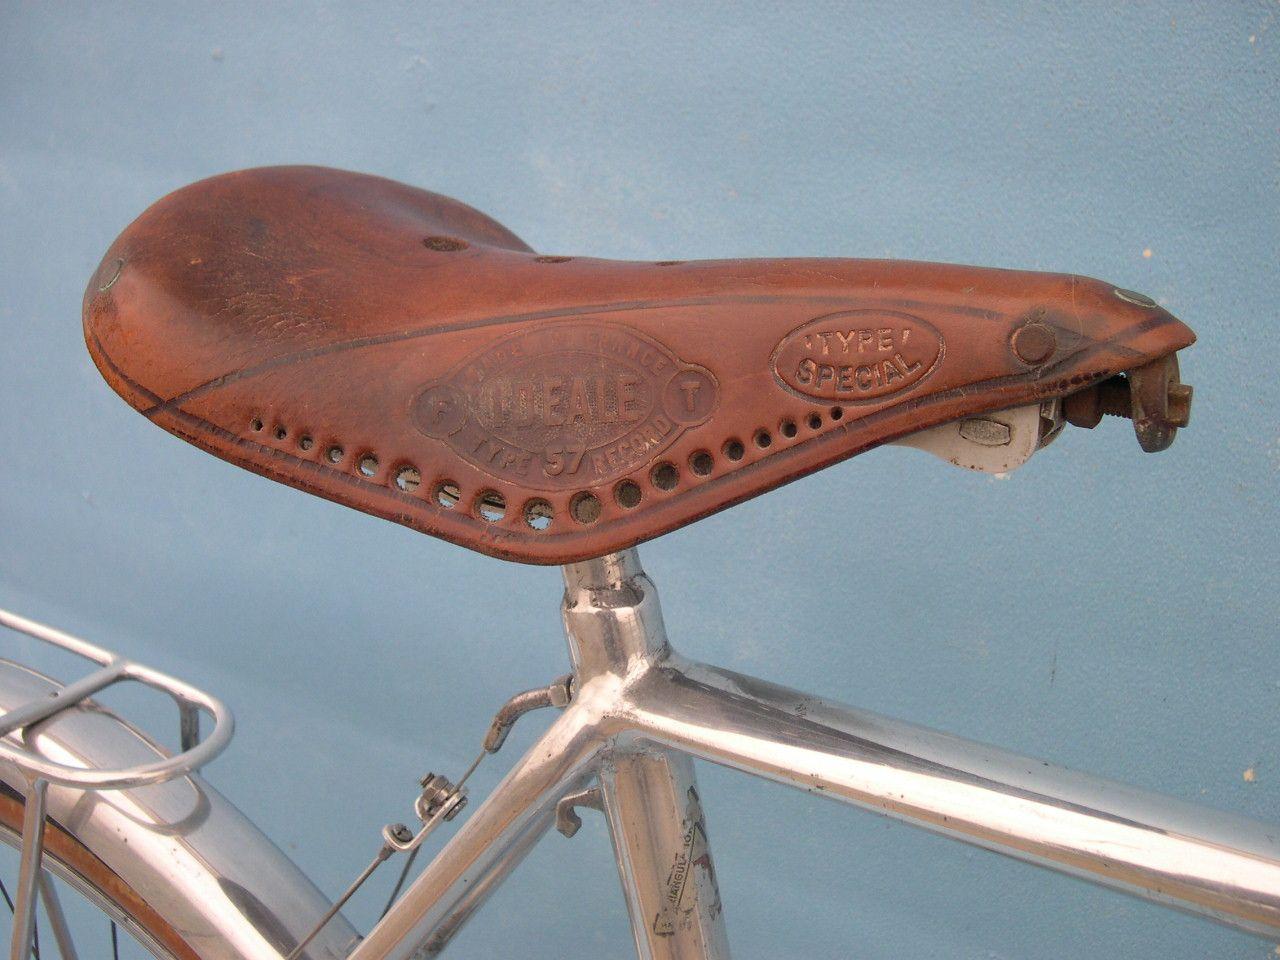 Not Vintage bike saddles